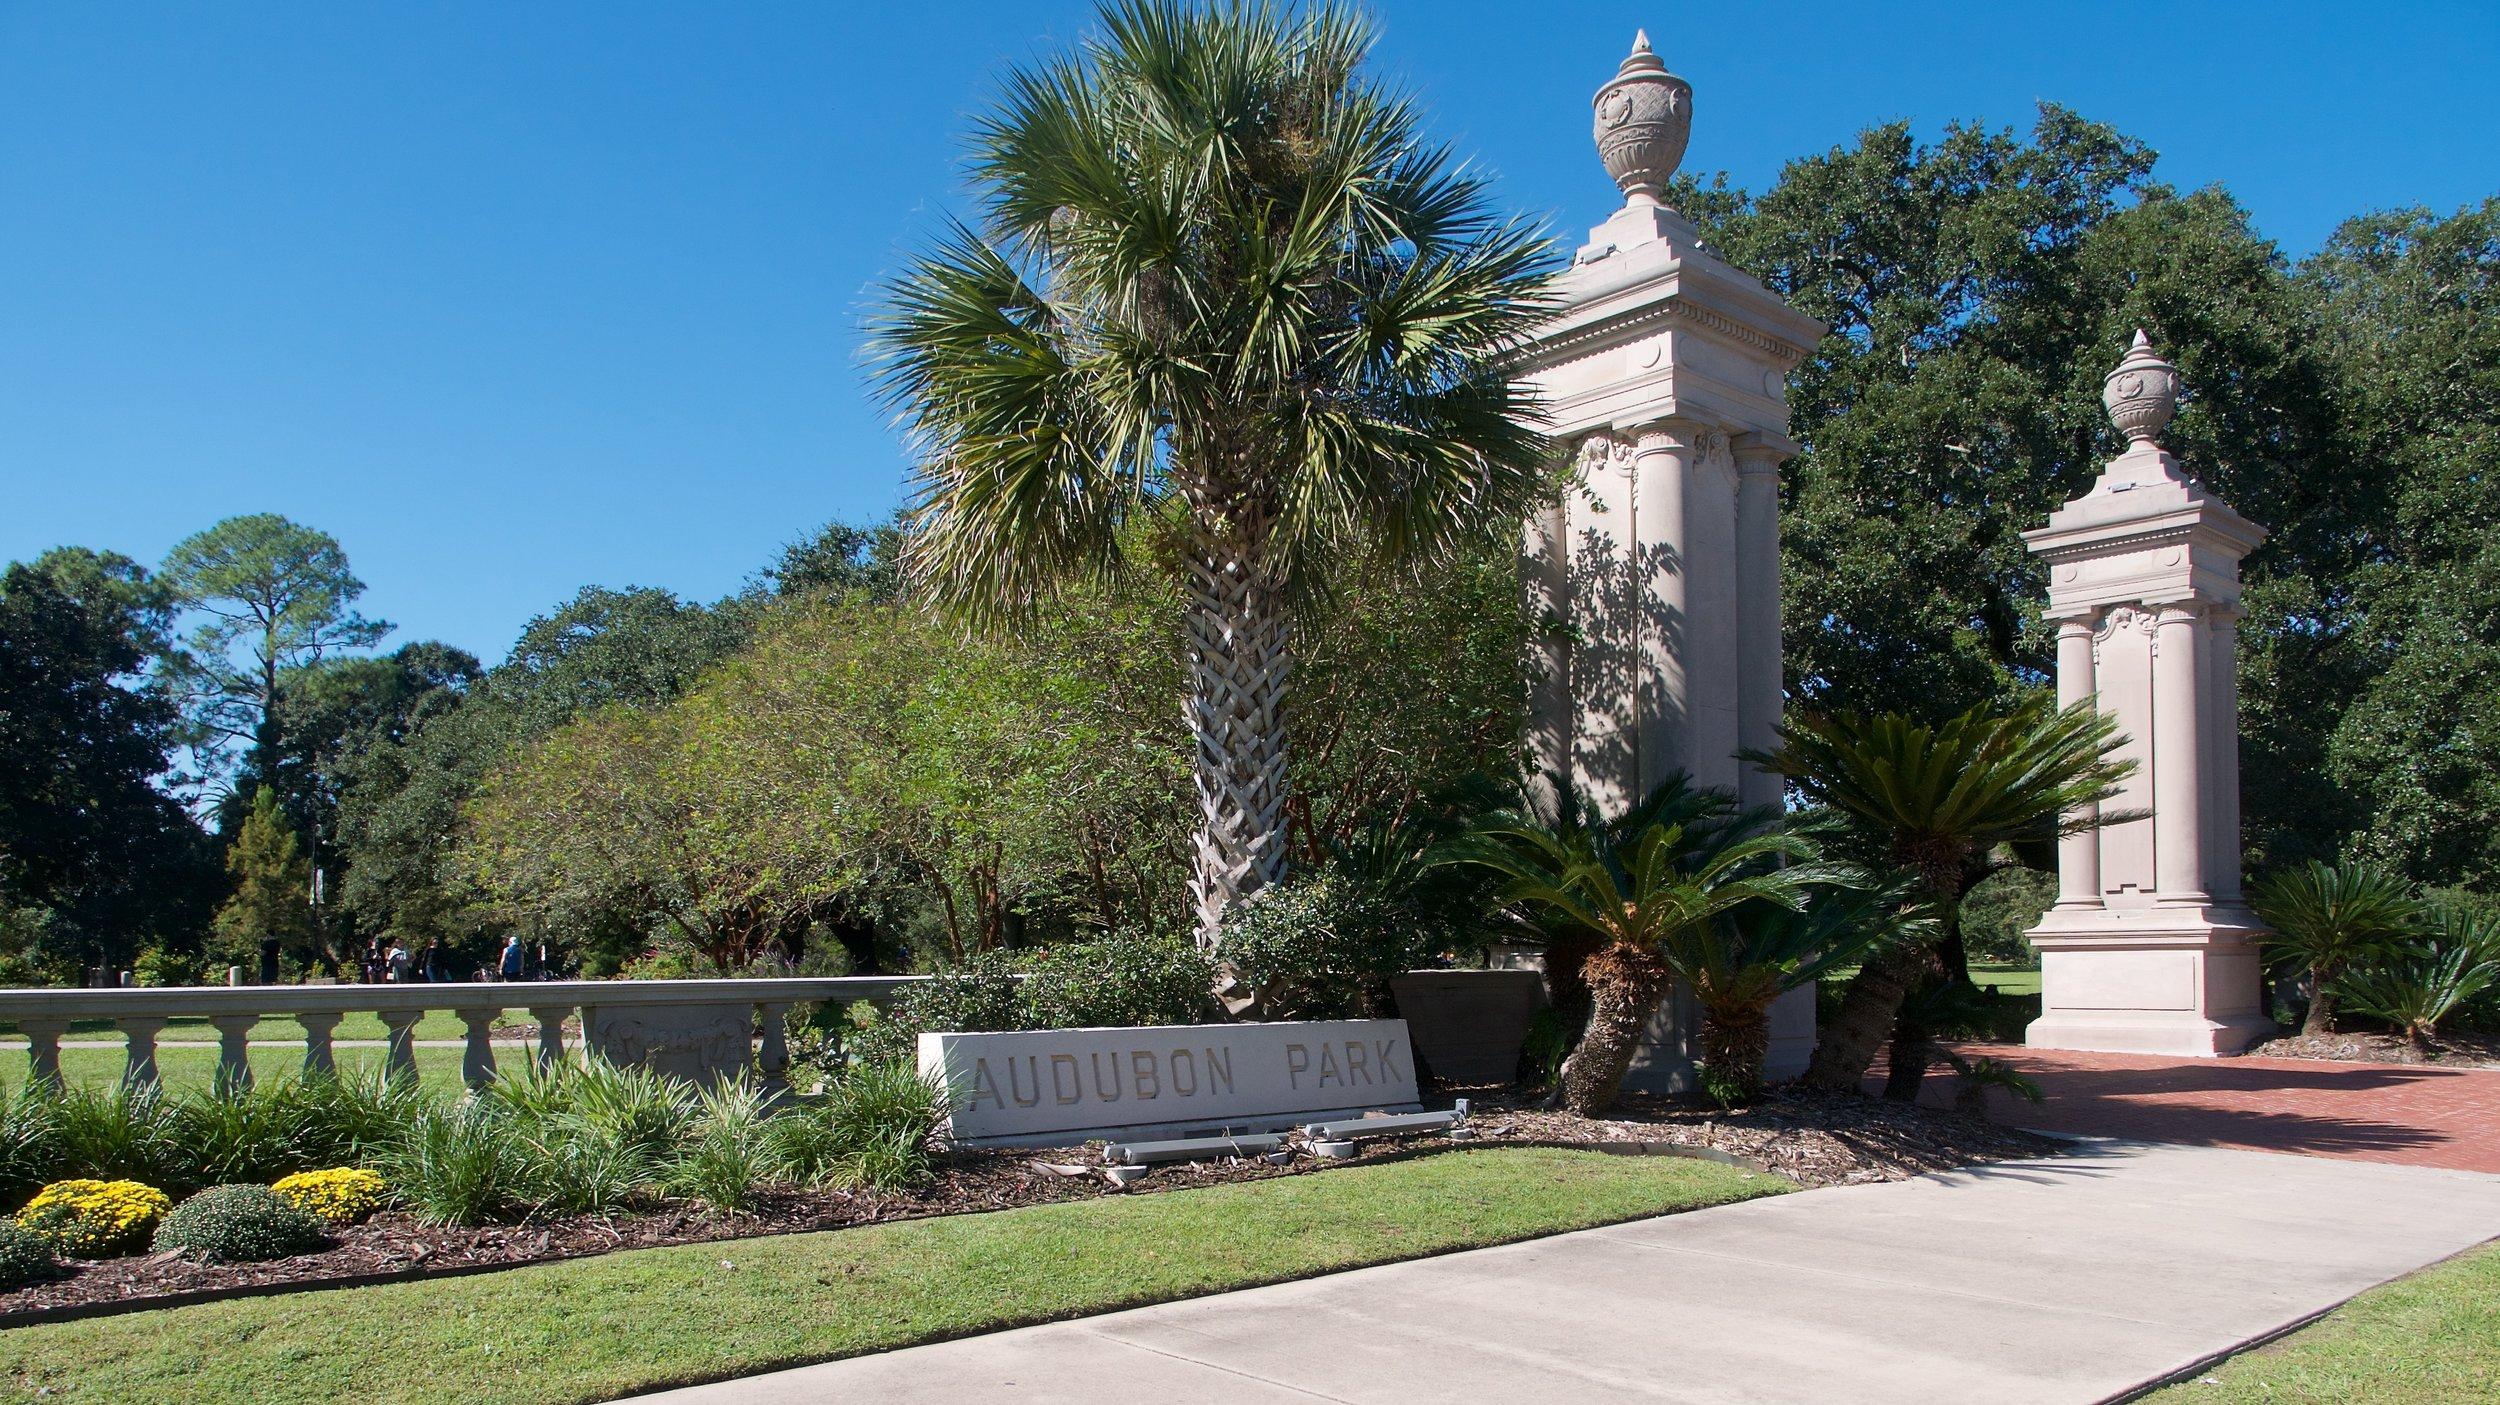 Entrance to Audubon Park